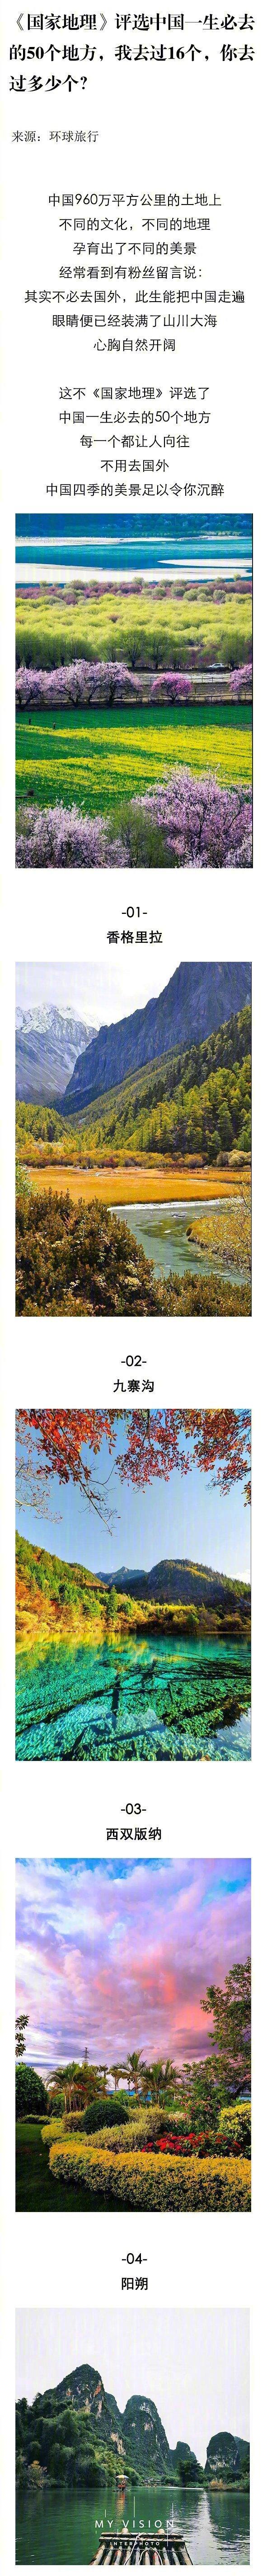 《国家地理》评选出中国一生必去的50个地方,你去过多少个?快码着